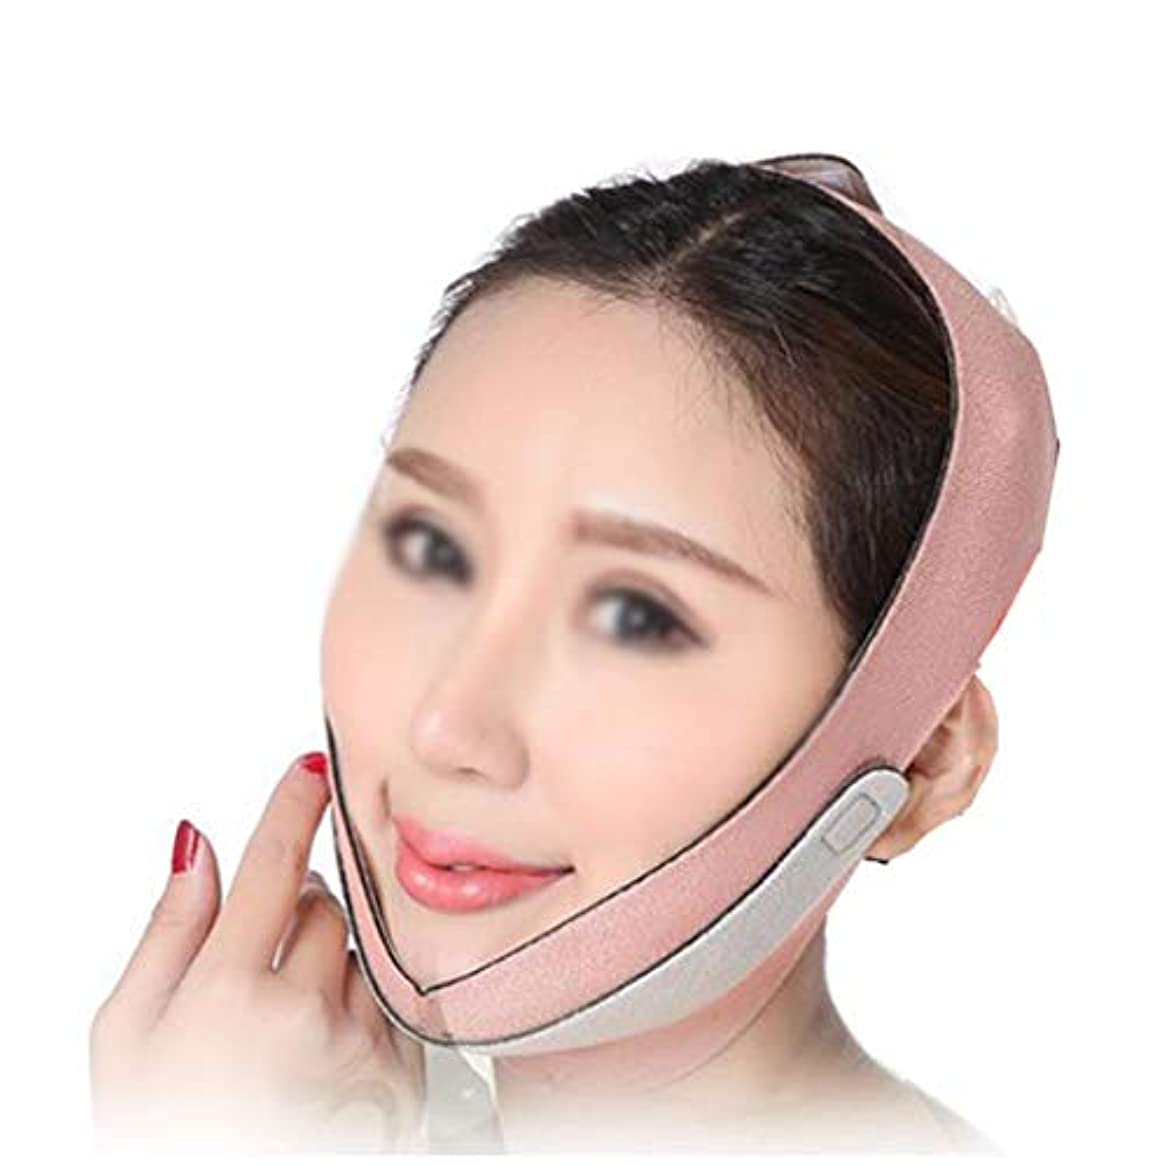 無関心災難講師ZWBD フェイスマスク, フェイスリフティングマスクフェイスリフティングツールを備えたVフェイスの薄い顔3Dフェイスリフティングフェイスリフティング包帯フェイスリフティングデバイスフェイスリフティングマシン